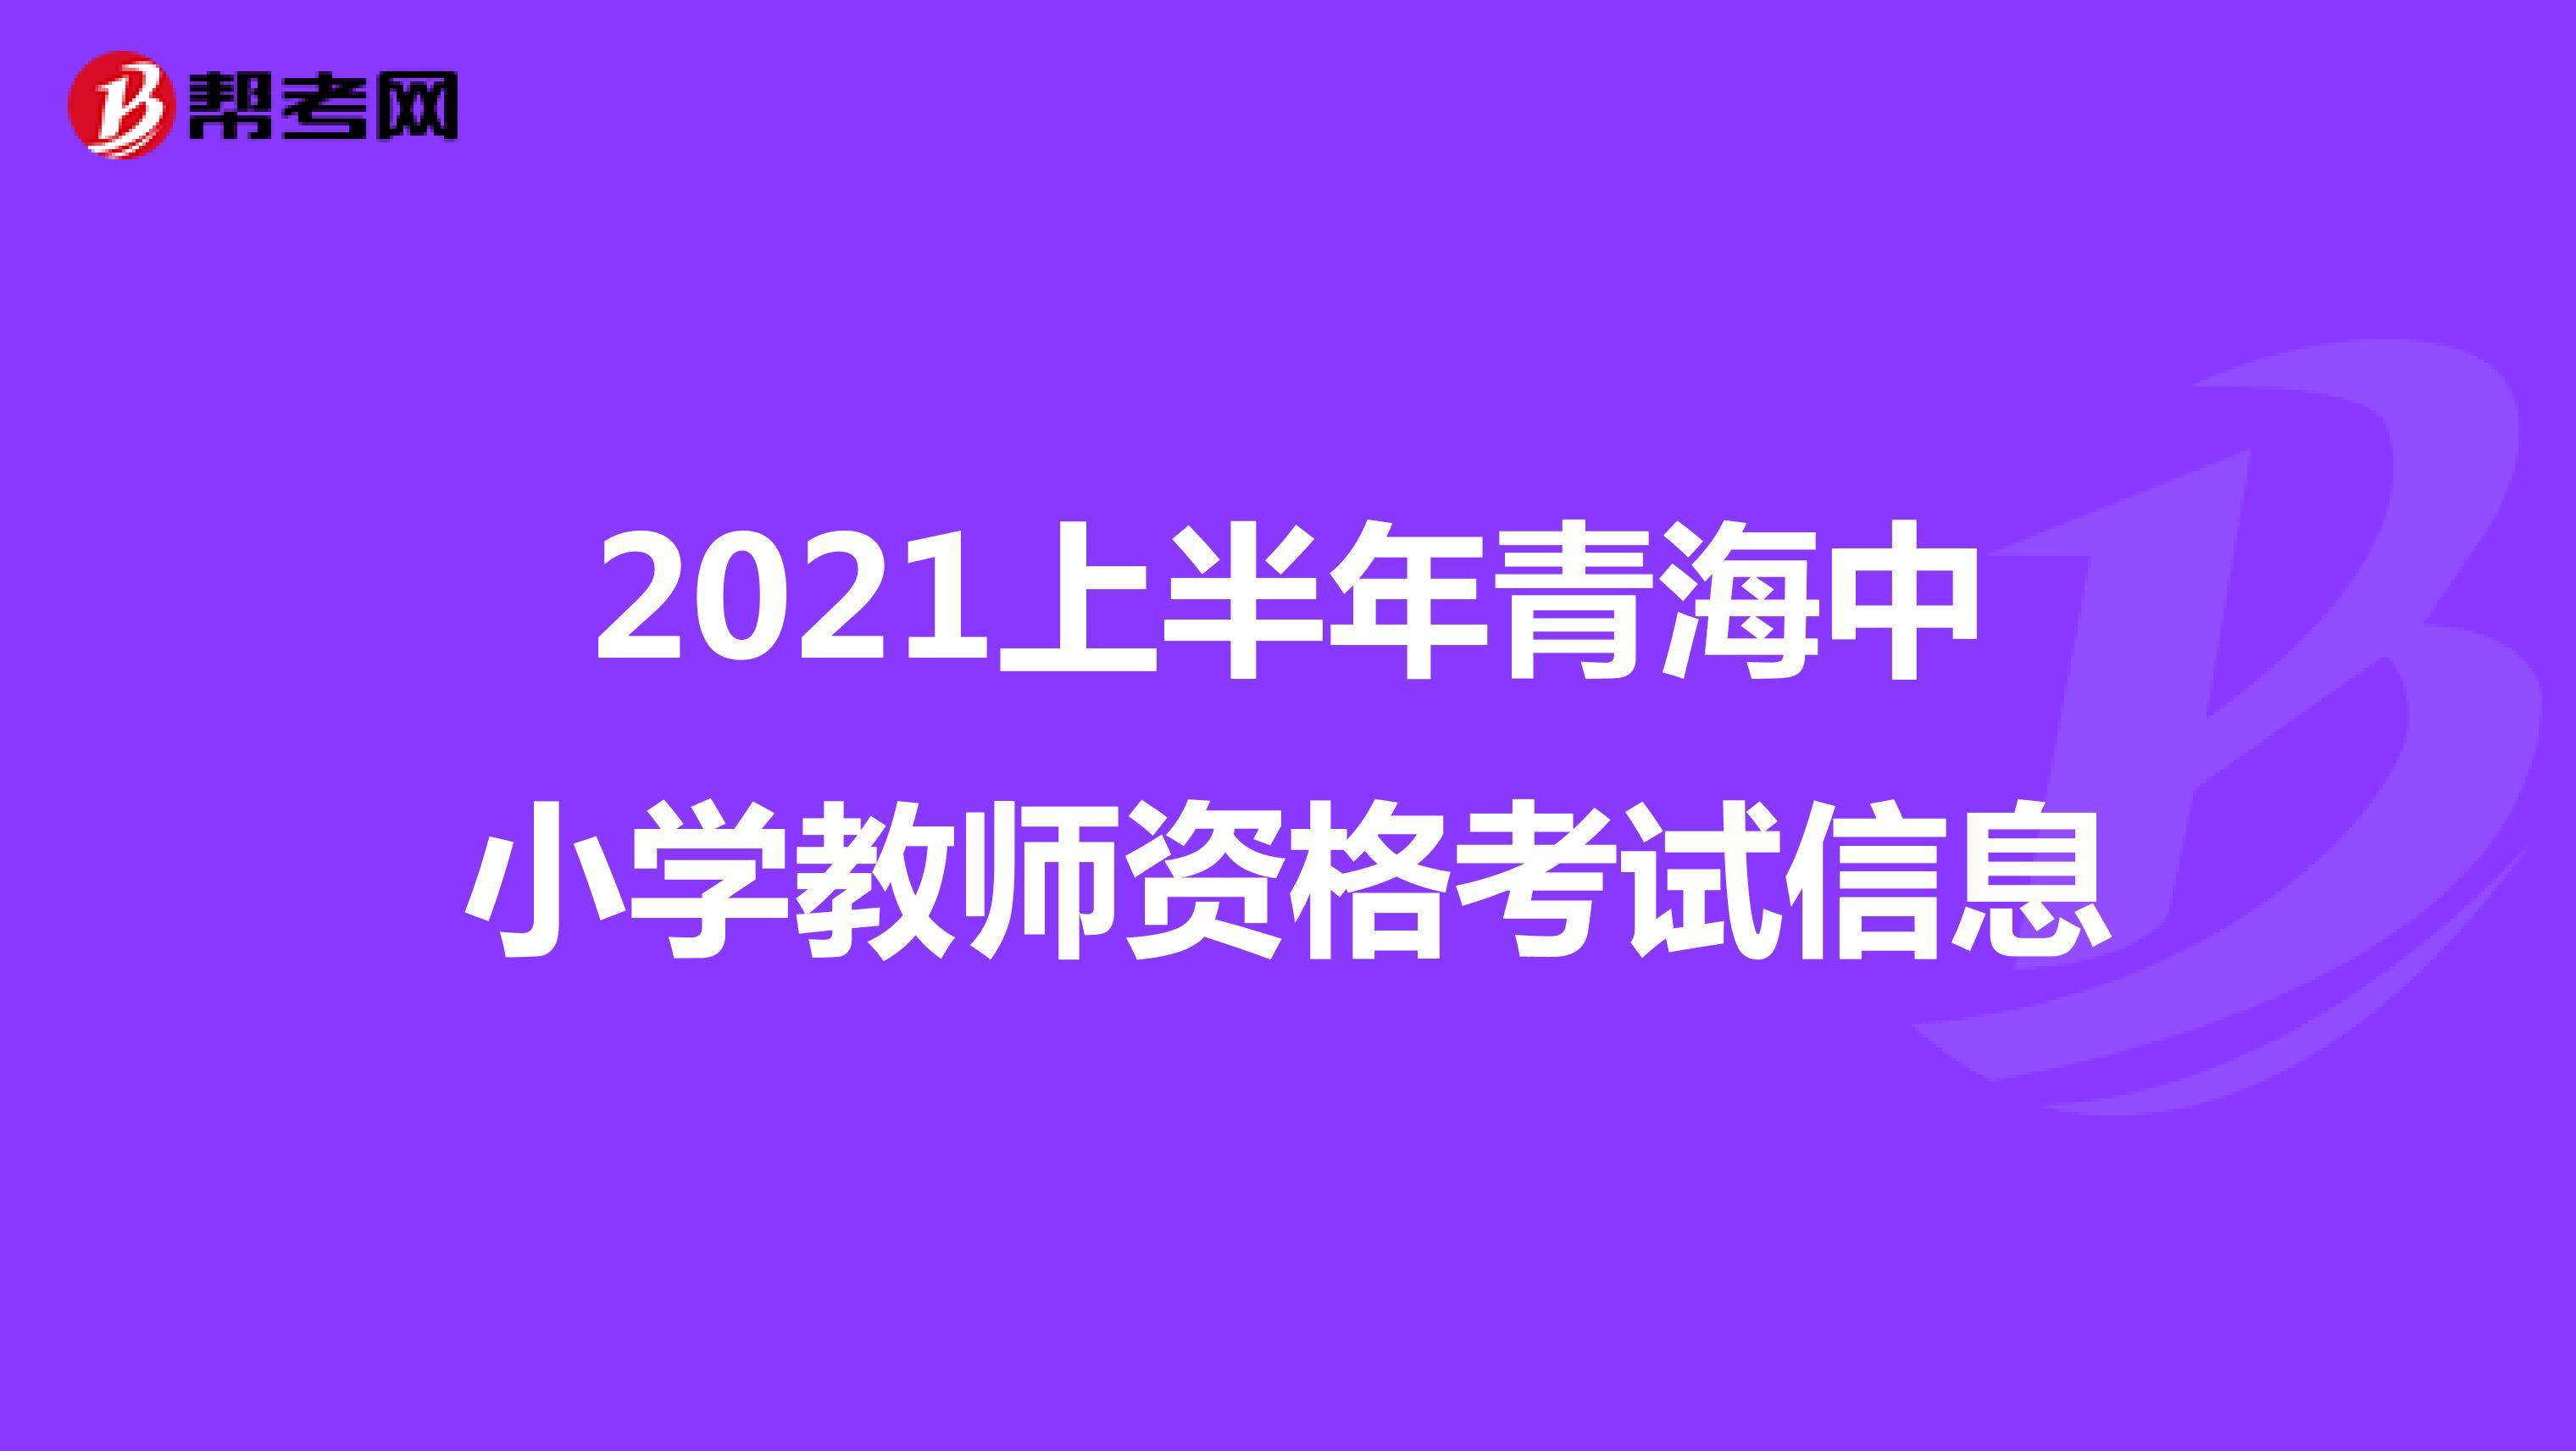 2021上半年青海中小学教师资格考试信息